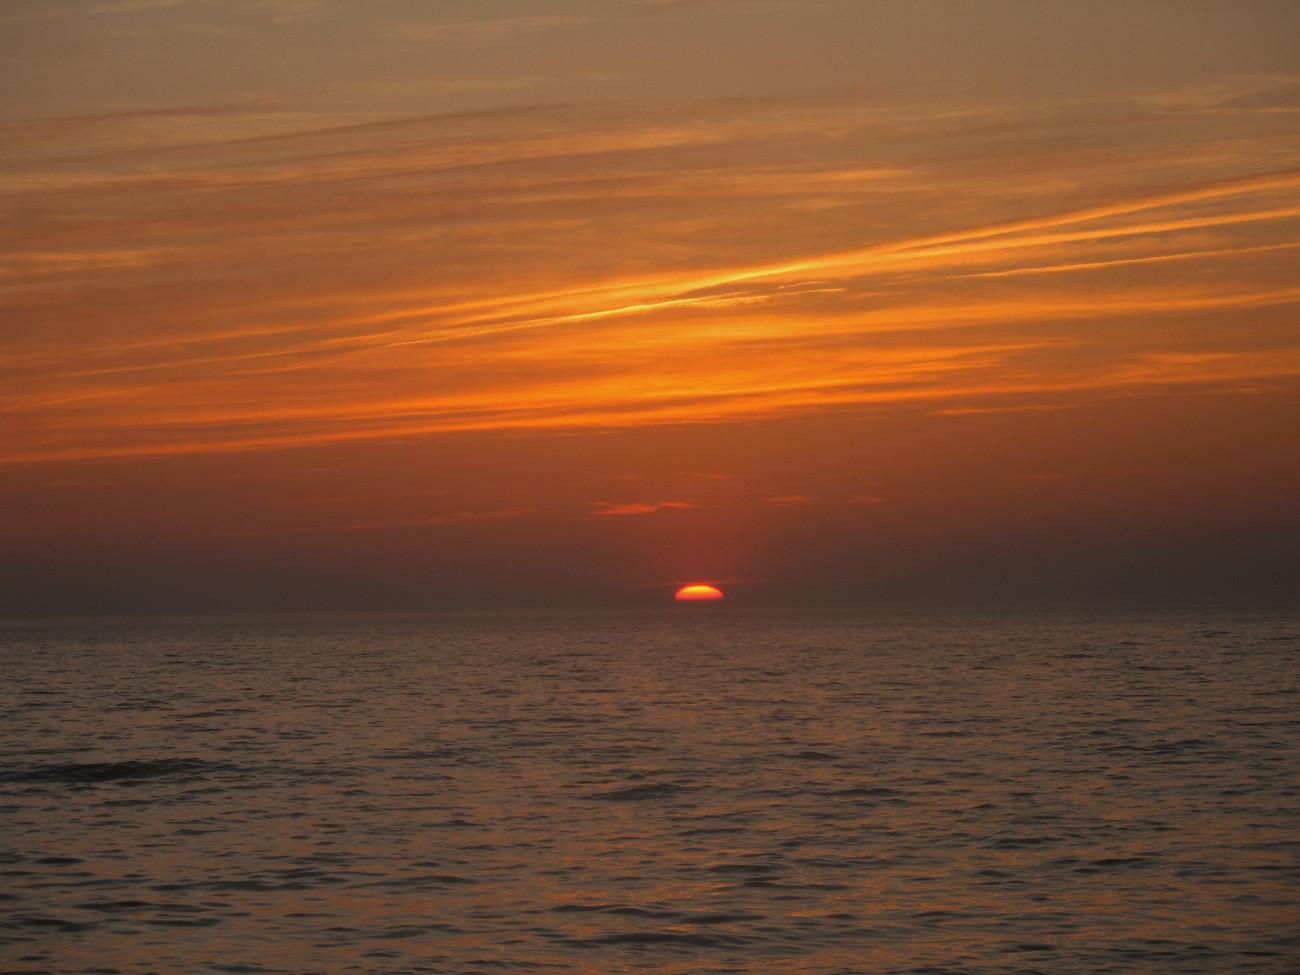 Sonnenuntergang am Strand von Püttsee